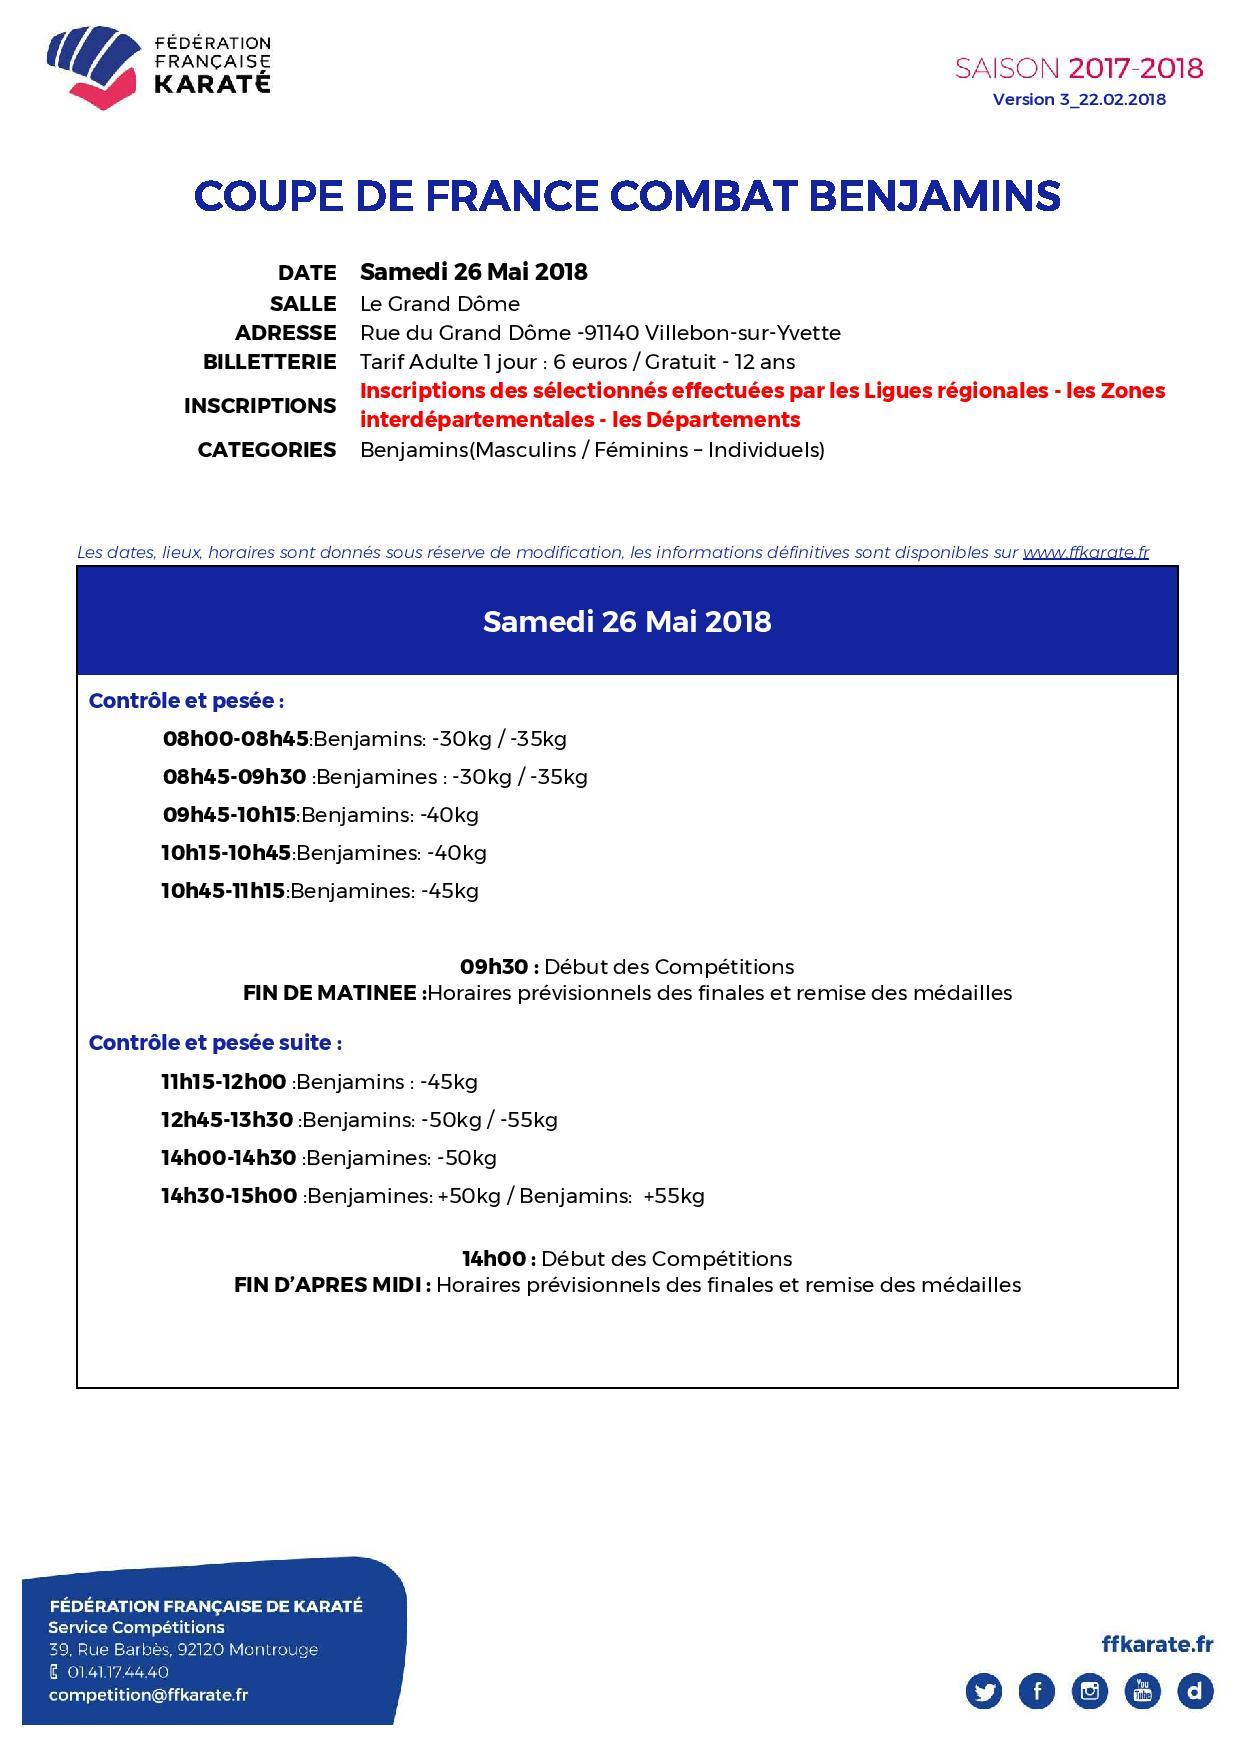 Cp_Fr_Comb_Benjamins_26052018_V3_Prog-page-001